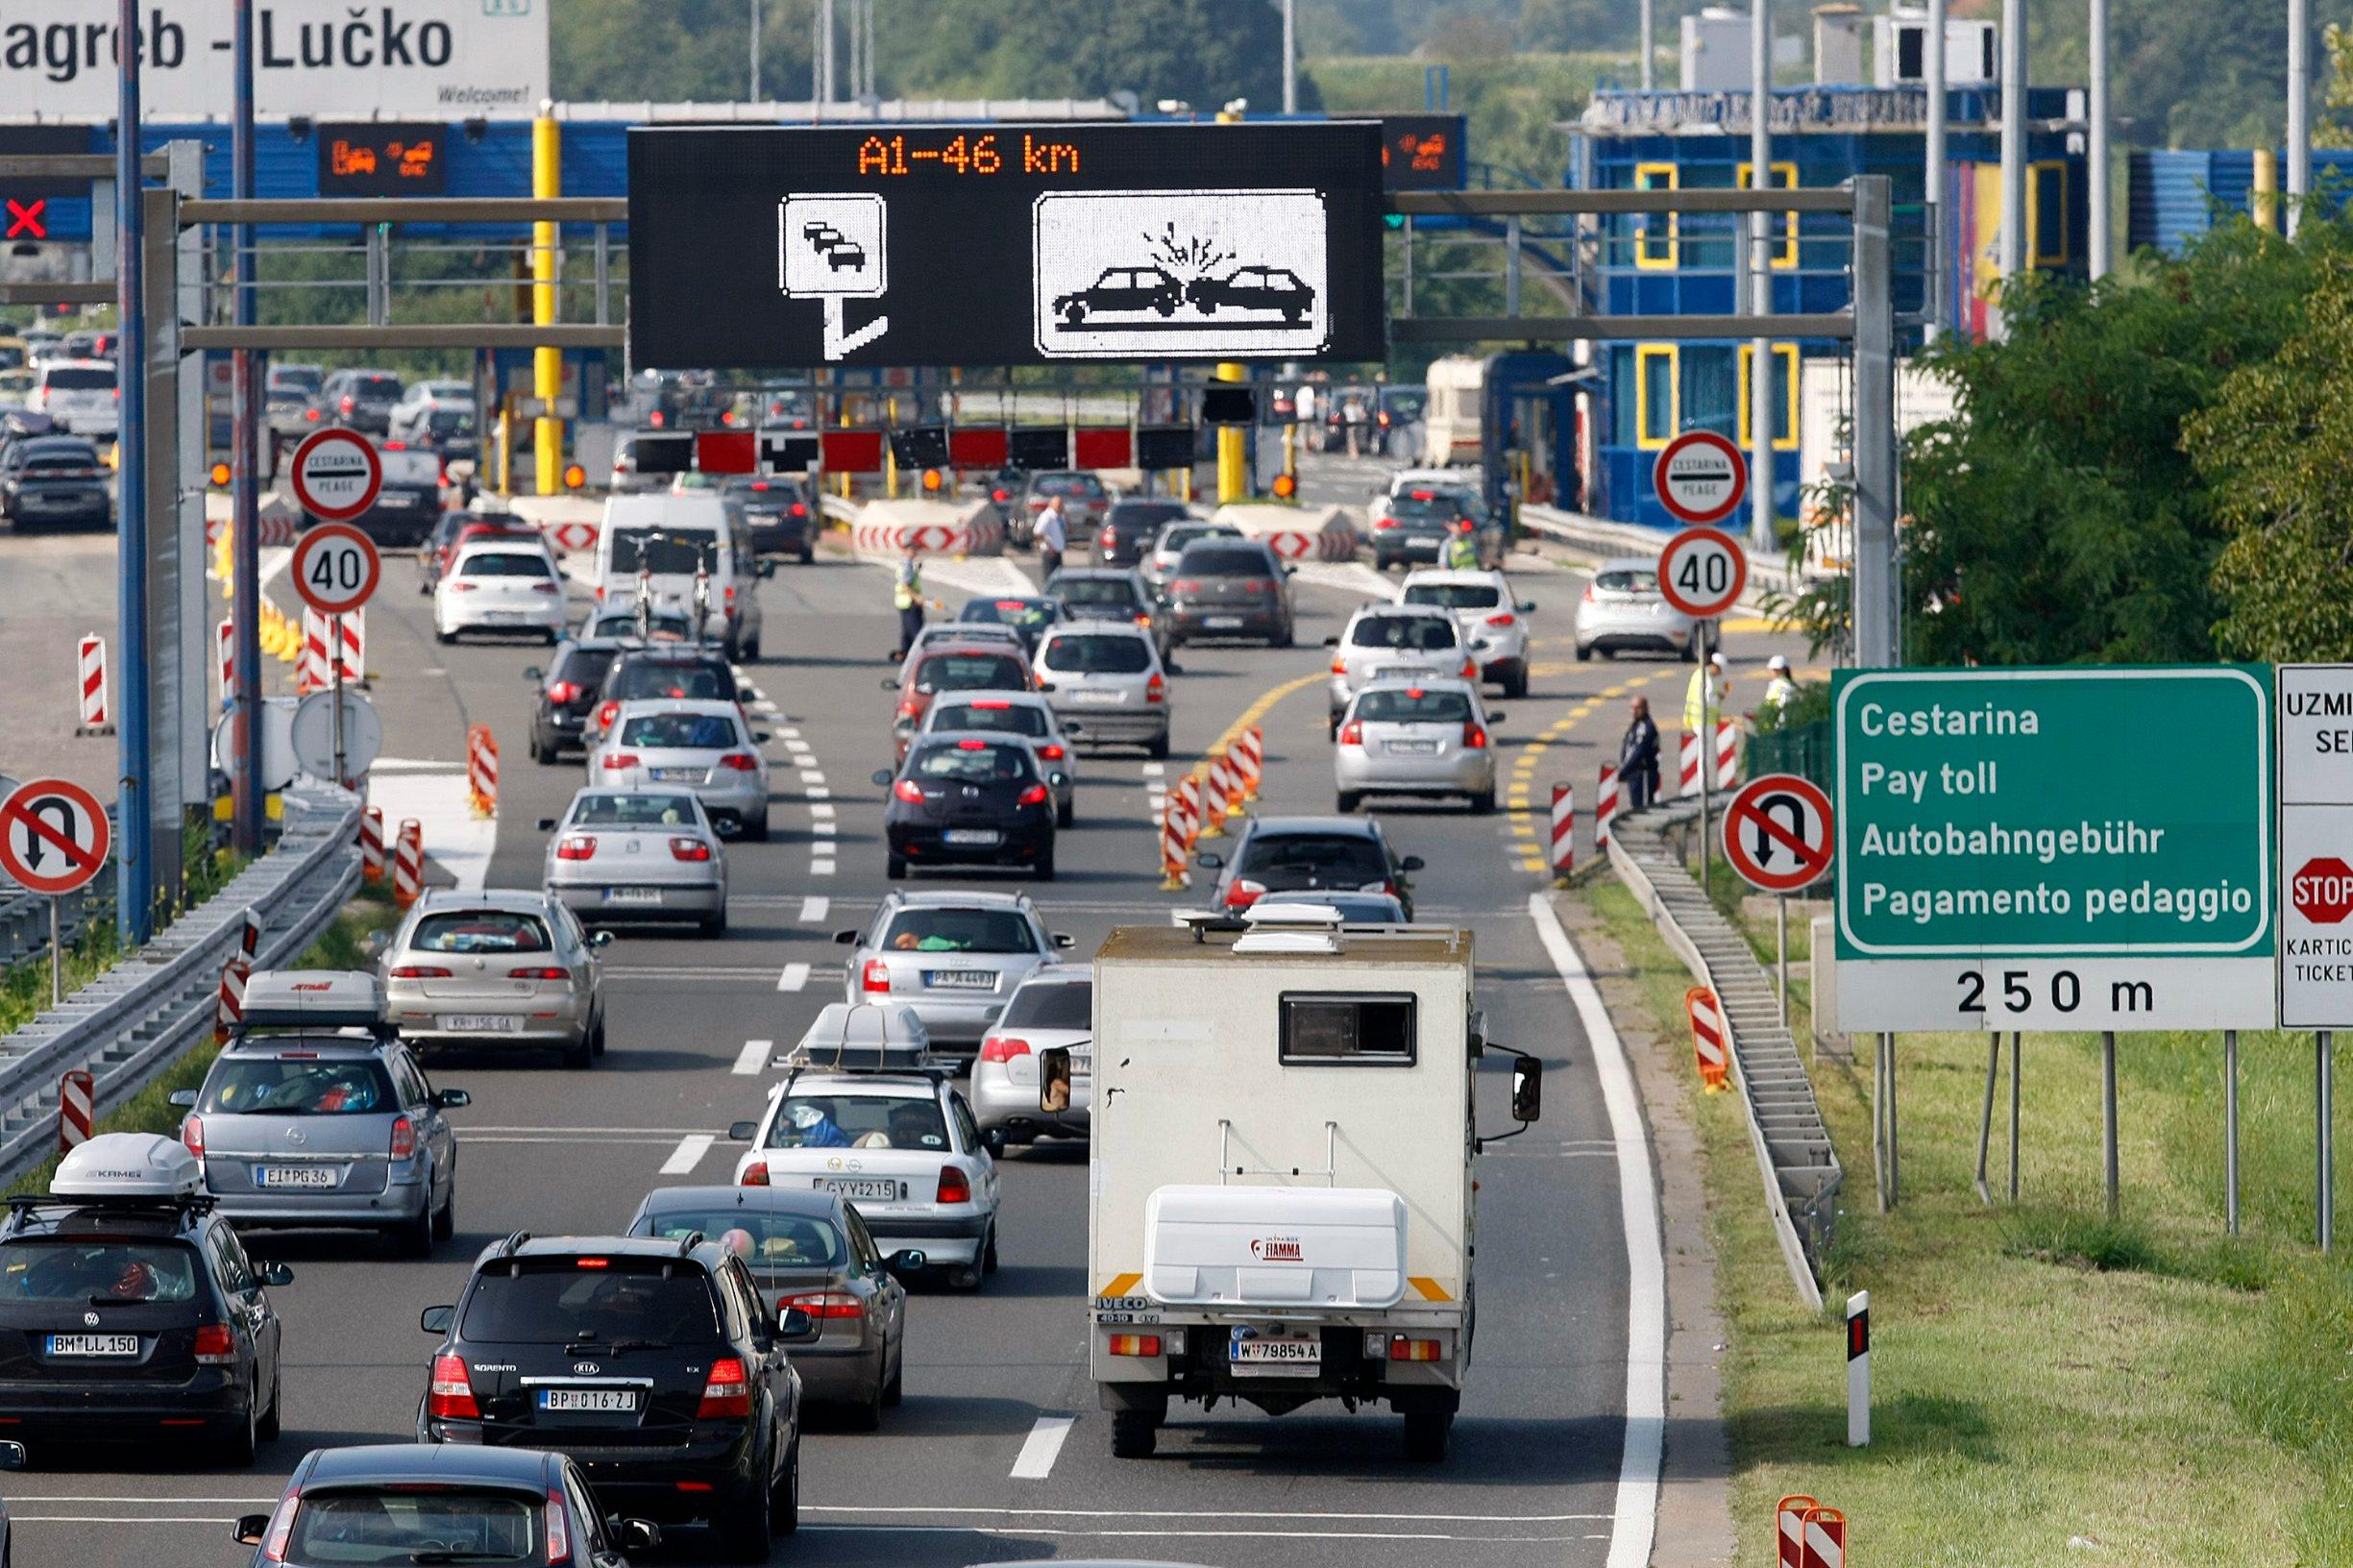 Ilustracija: hrvatske autoceste